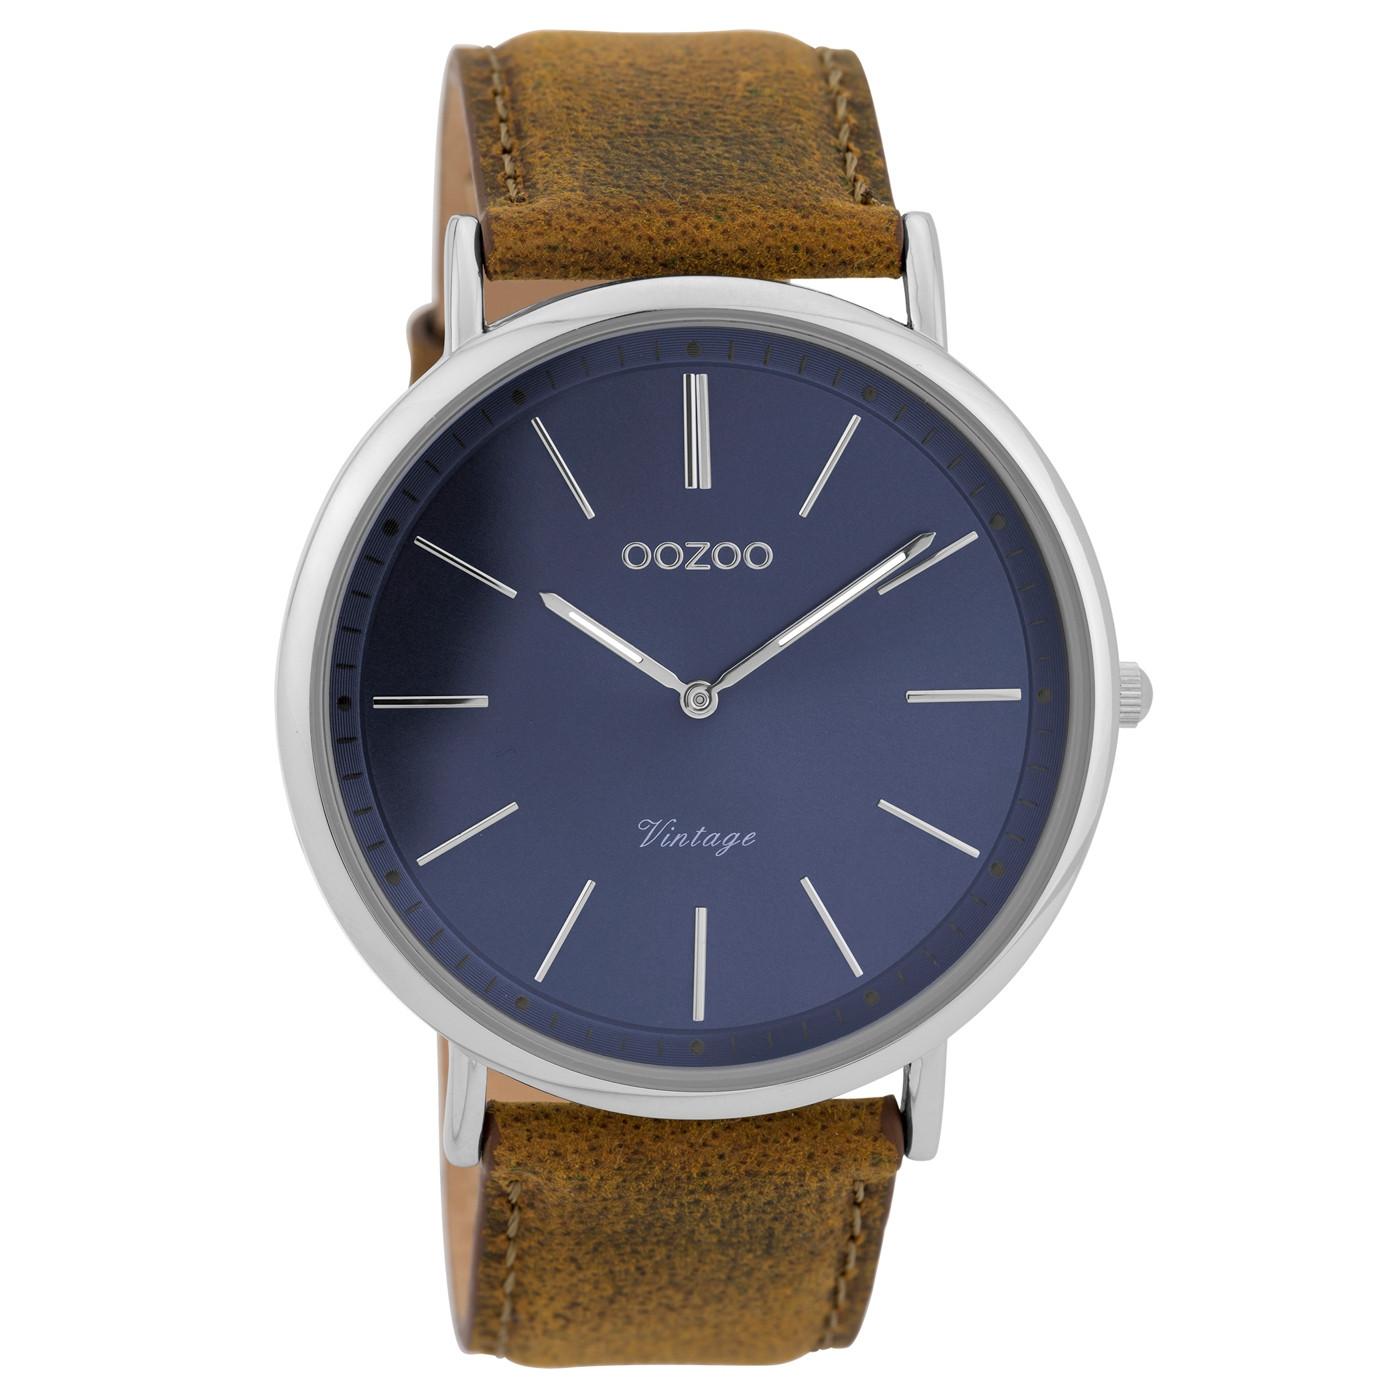 OOZOO Vintage Bruin/Blauw horloge C9358 (44 mm)